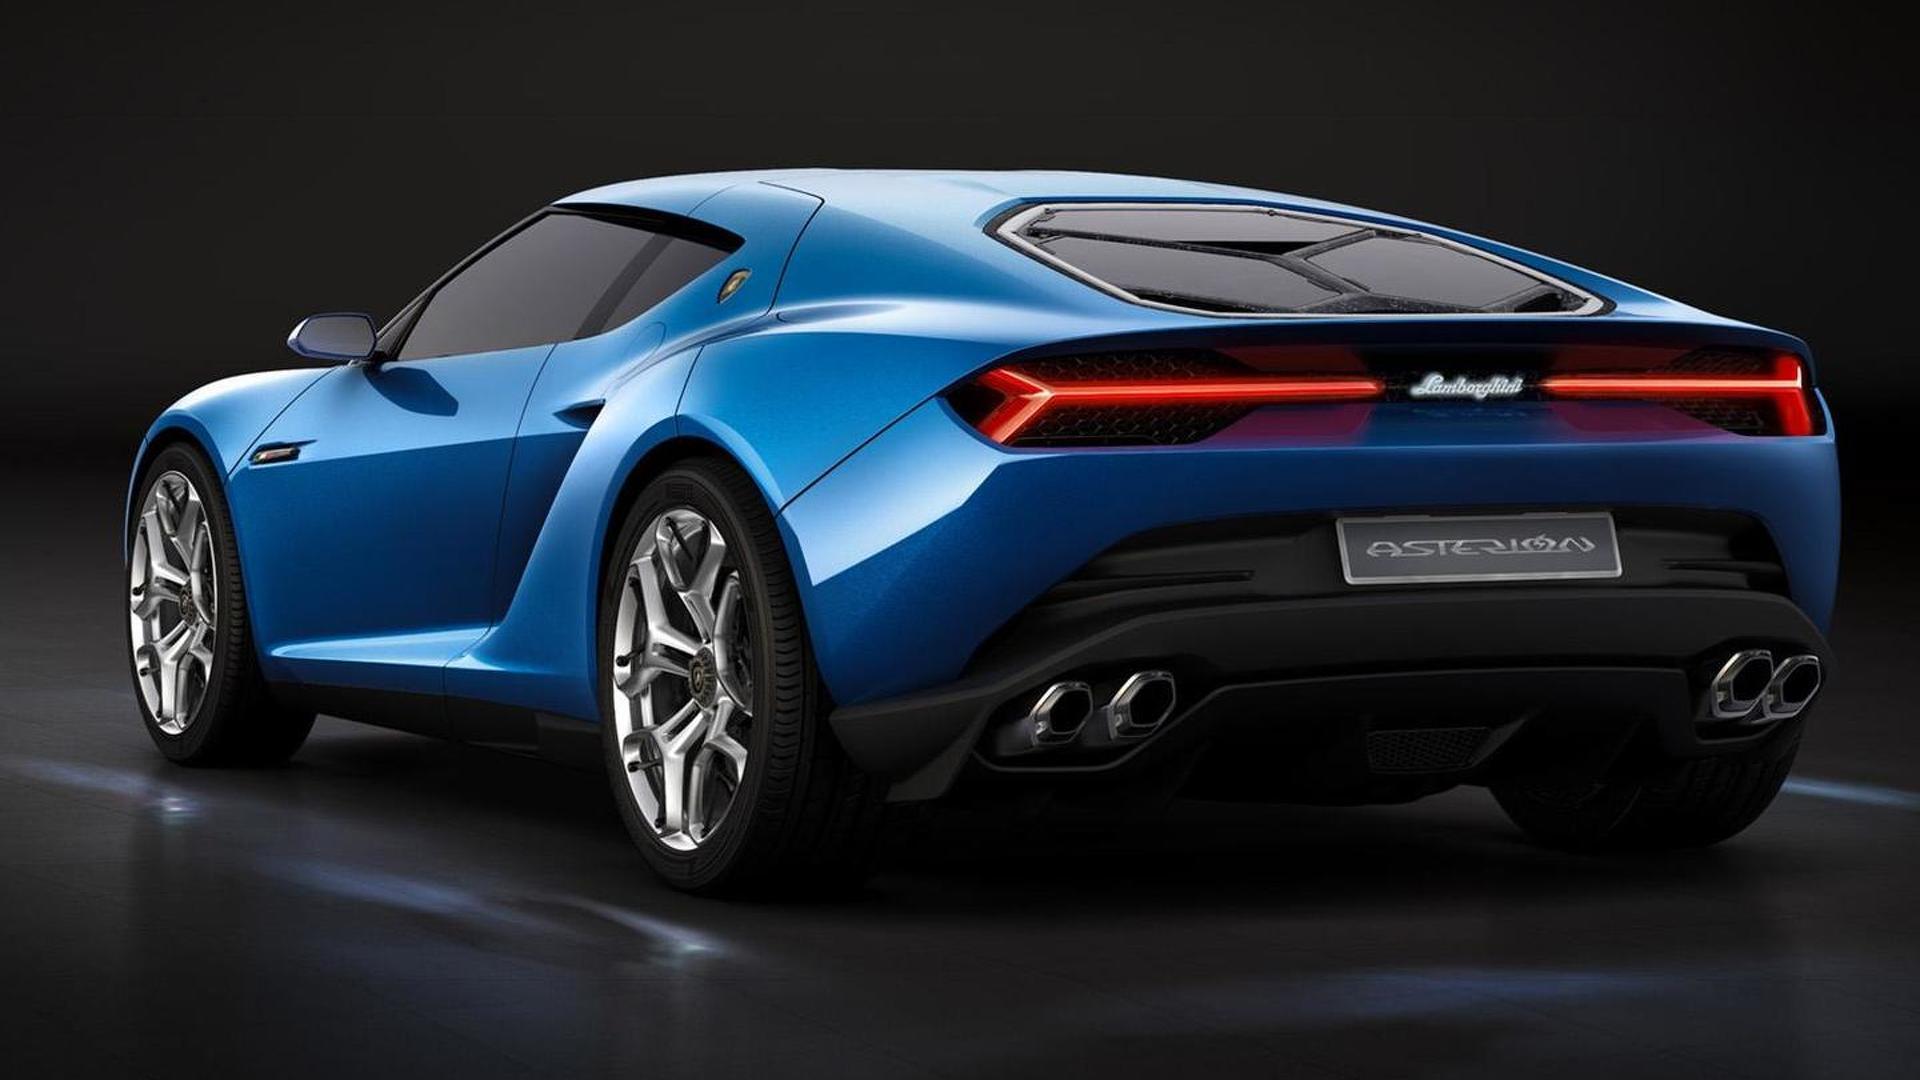 Гибридный суперкар Lamborghini Asterion